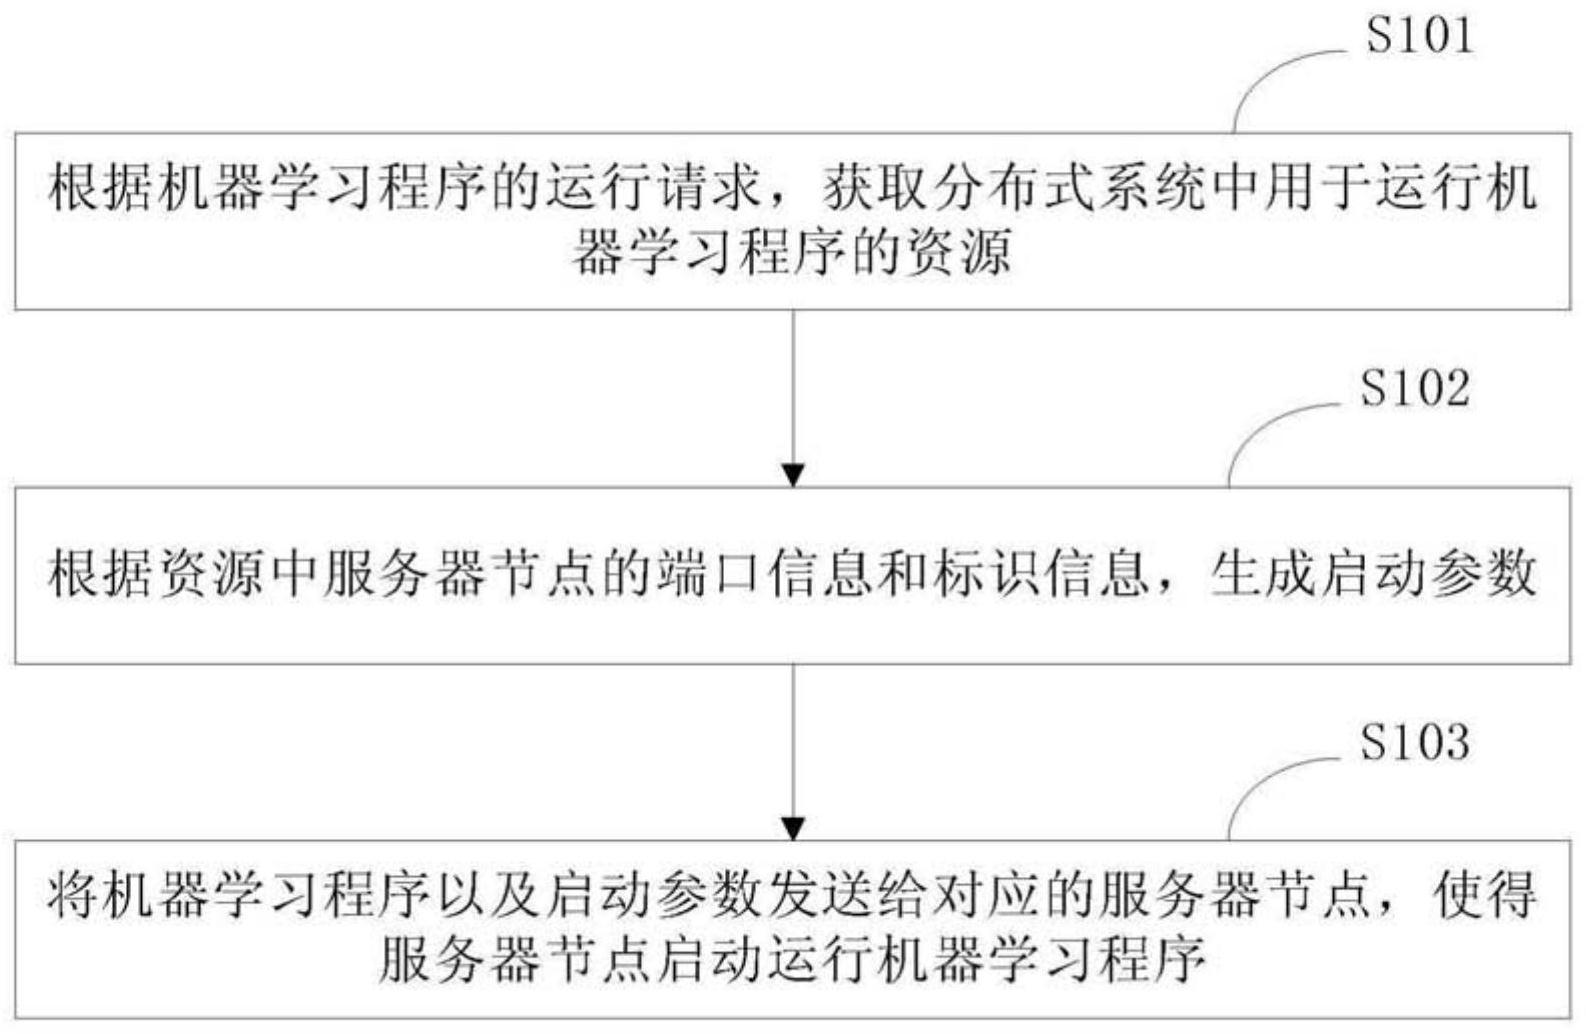 一种基于分布式系统的机器学习程序运行的方法和装置